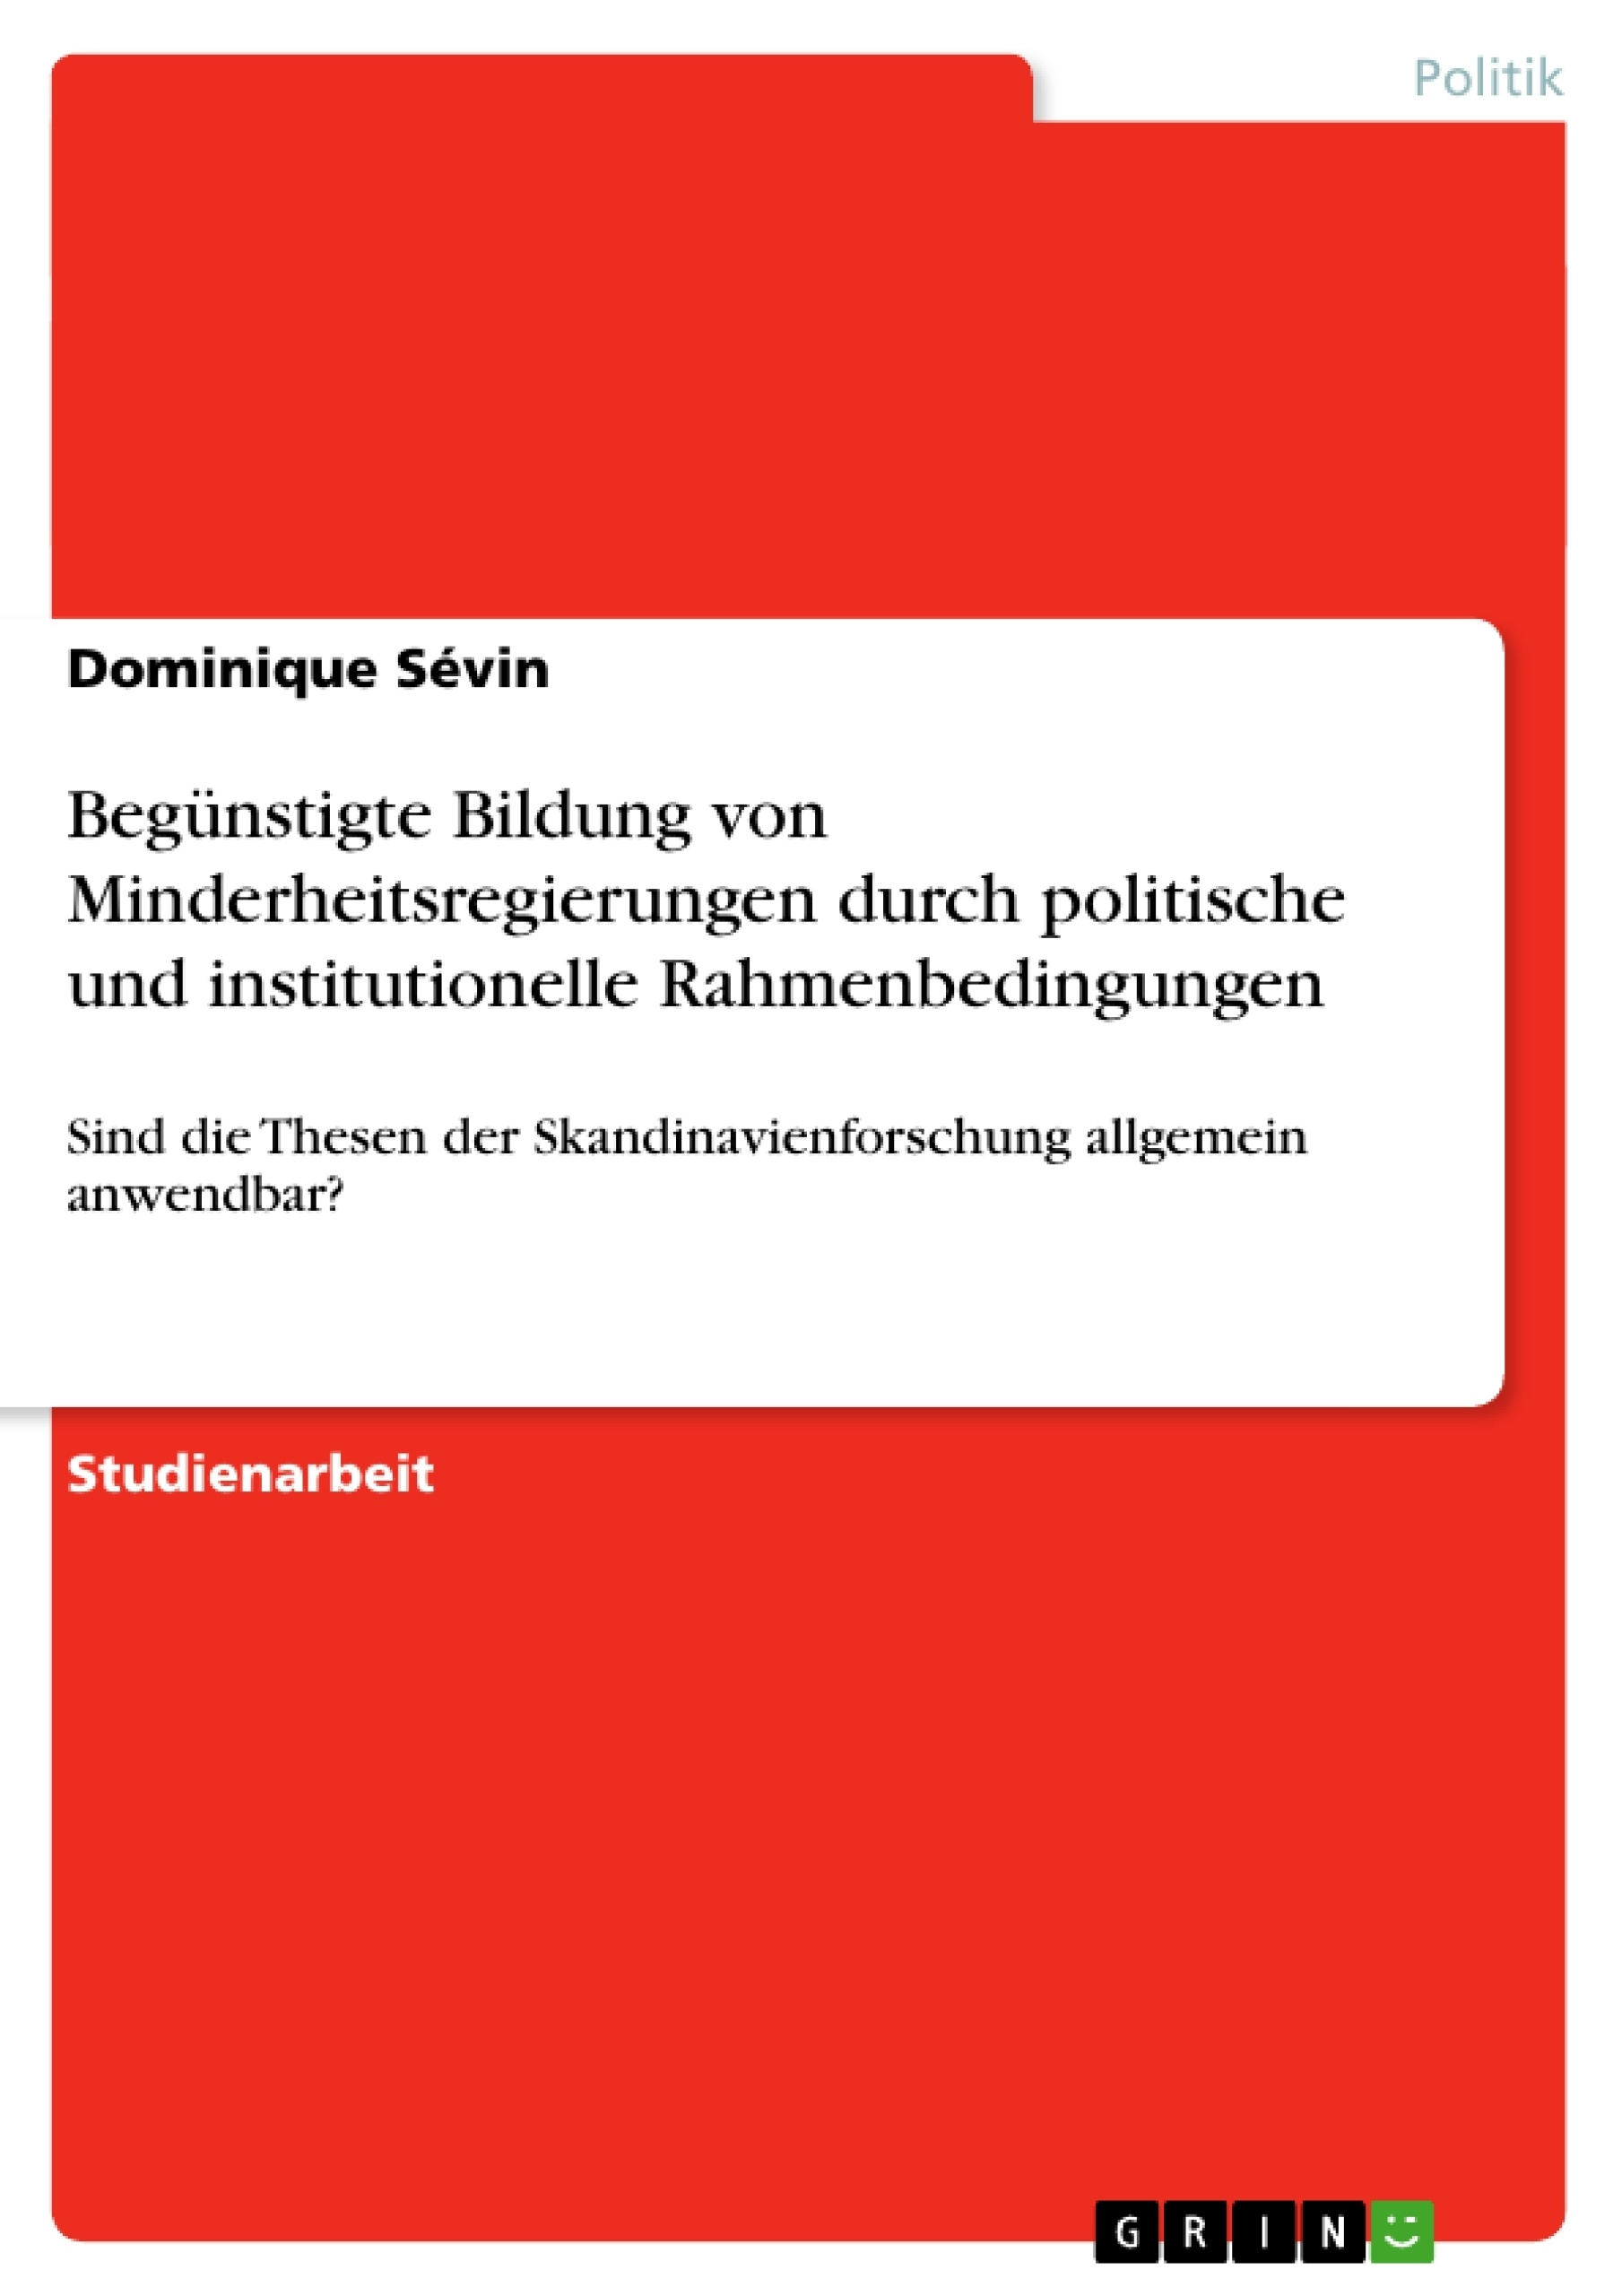 Titel: Begünstigte Bildung von Minderheitsregierungen durch politische und institutionelle Rahmenbedingungen